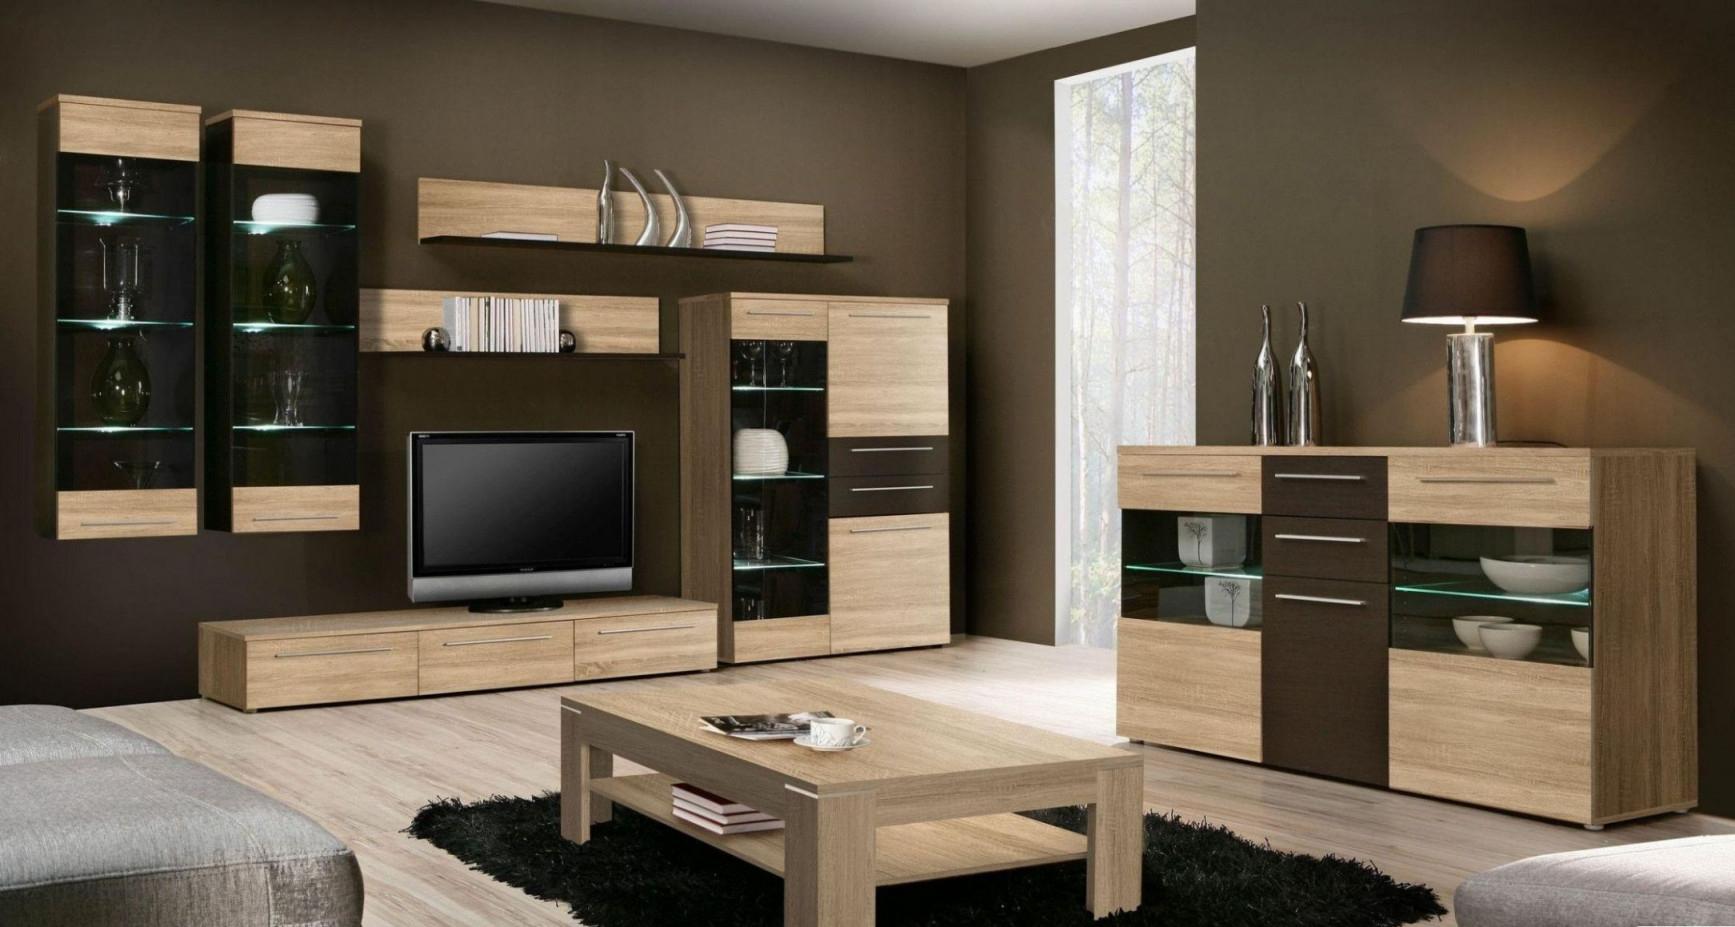 Wohnzimmermöbel Neu Gestalten  Haus Ideen von Wohnzimmer Neu Gestalten Ideen Bild